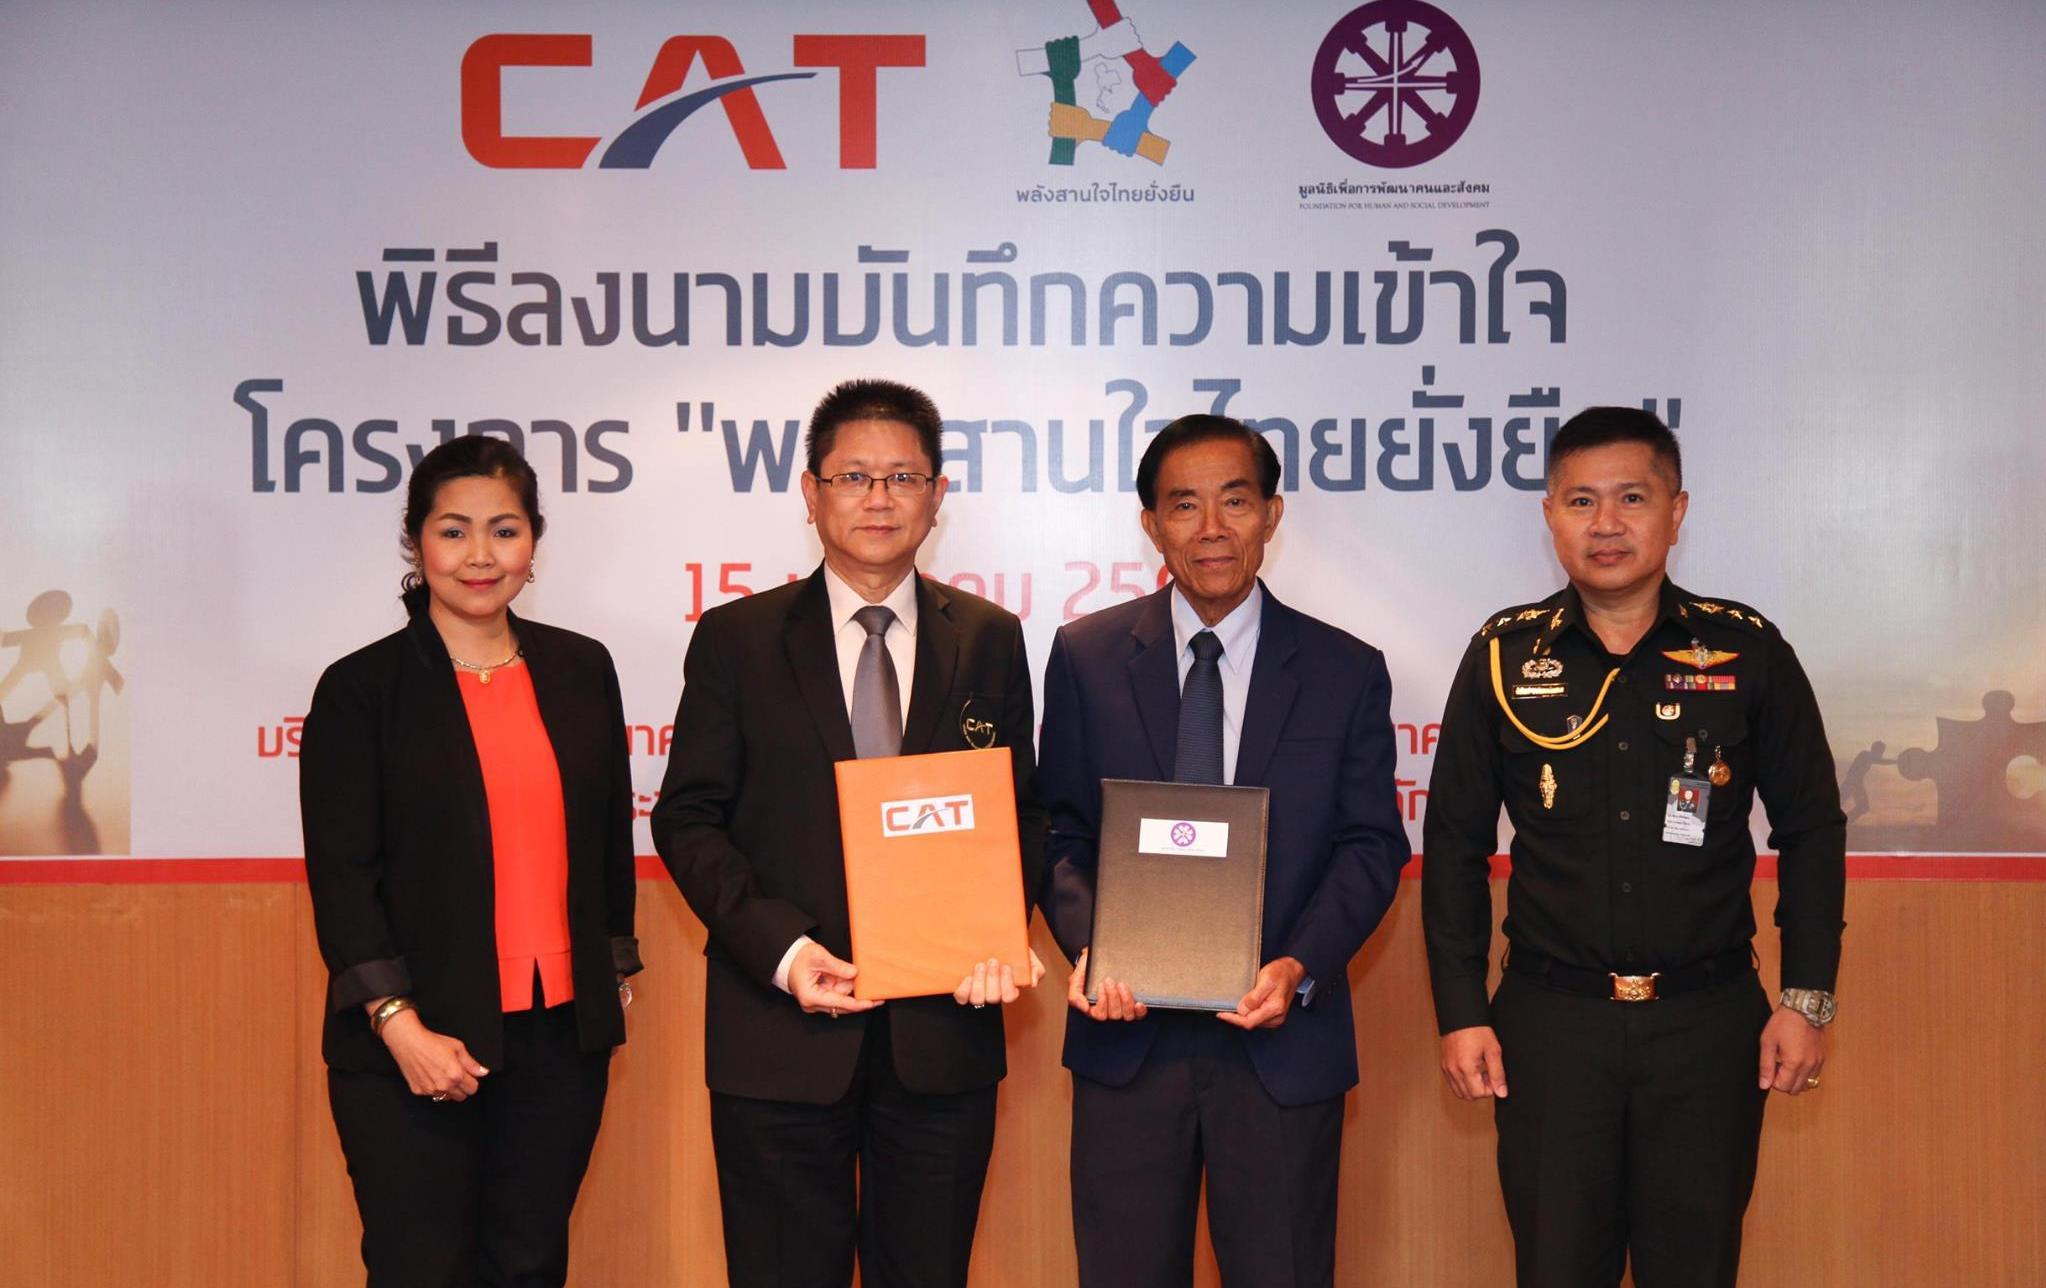 """CAT หนุนโครงการ """"พลังสานใจไทยยั่งยืน"""" หวังนำโครงข่ายสื่อสารร่วมพัฒนาสวัสดิการประชาชนทั่วประเทศ"""